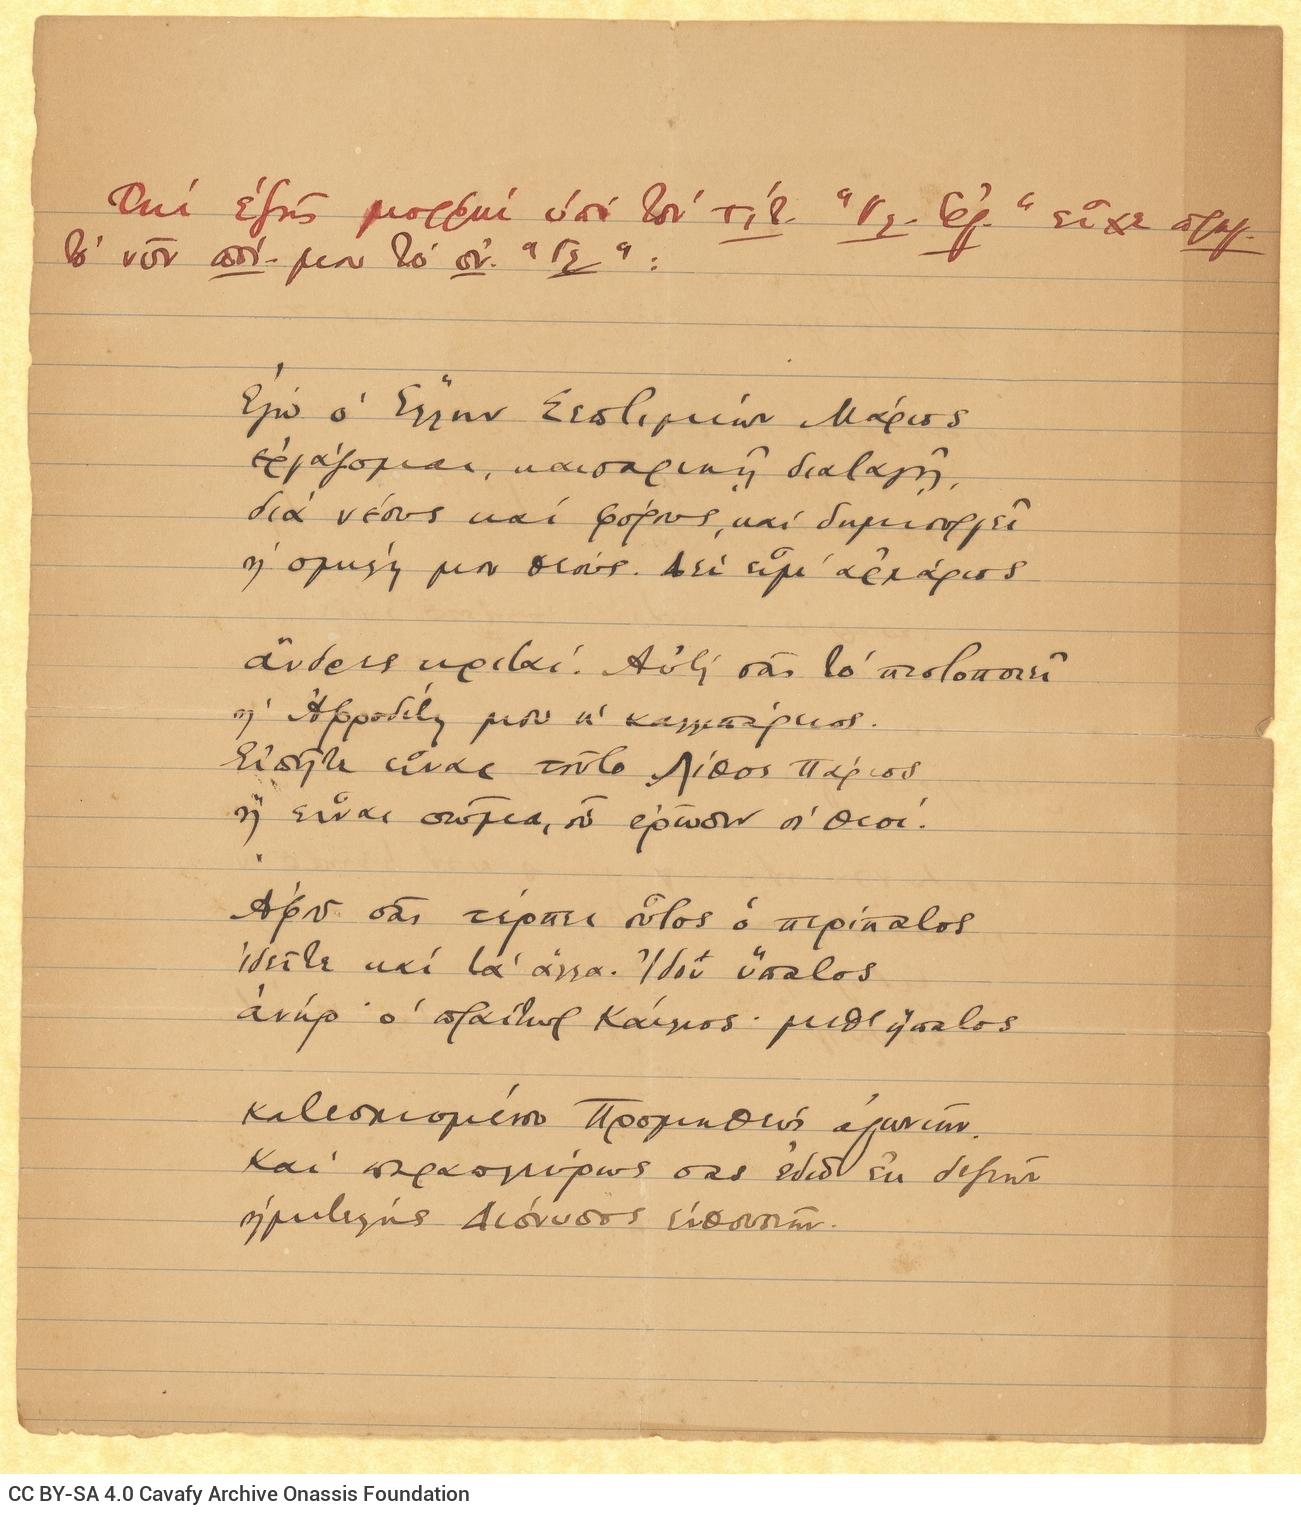 Χειρόγραφο ποίημα και εισαγωγική σημείωση με βραχυγραφίες.